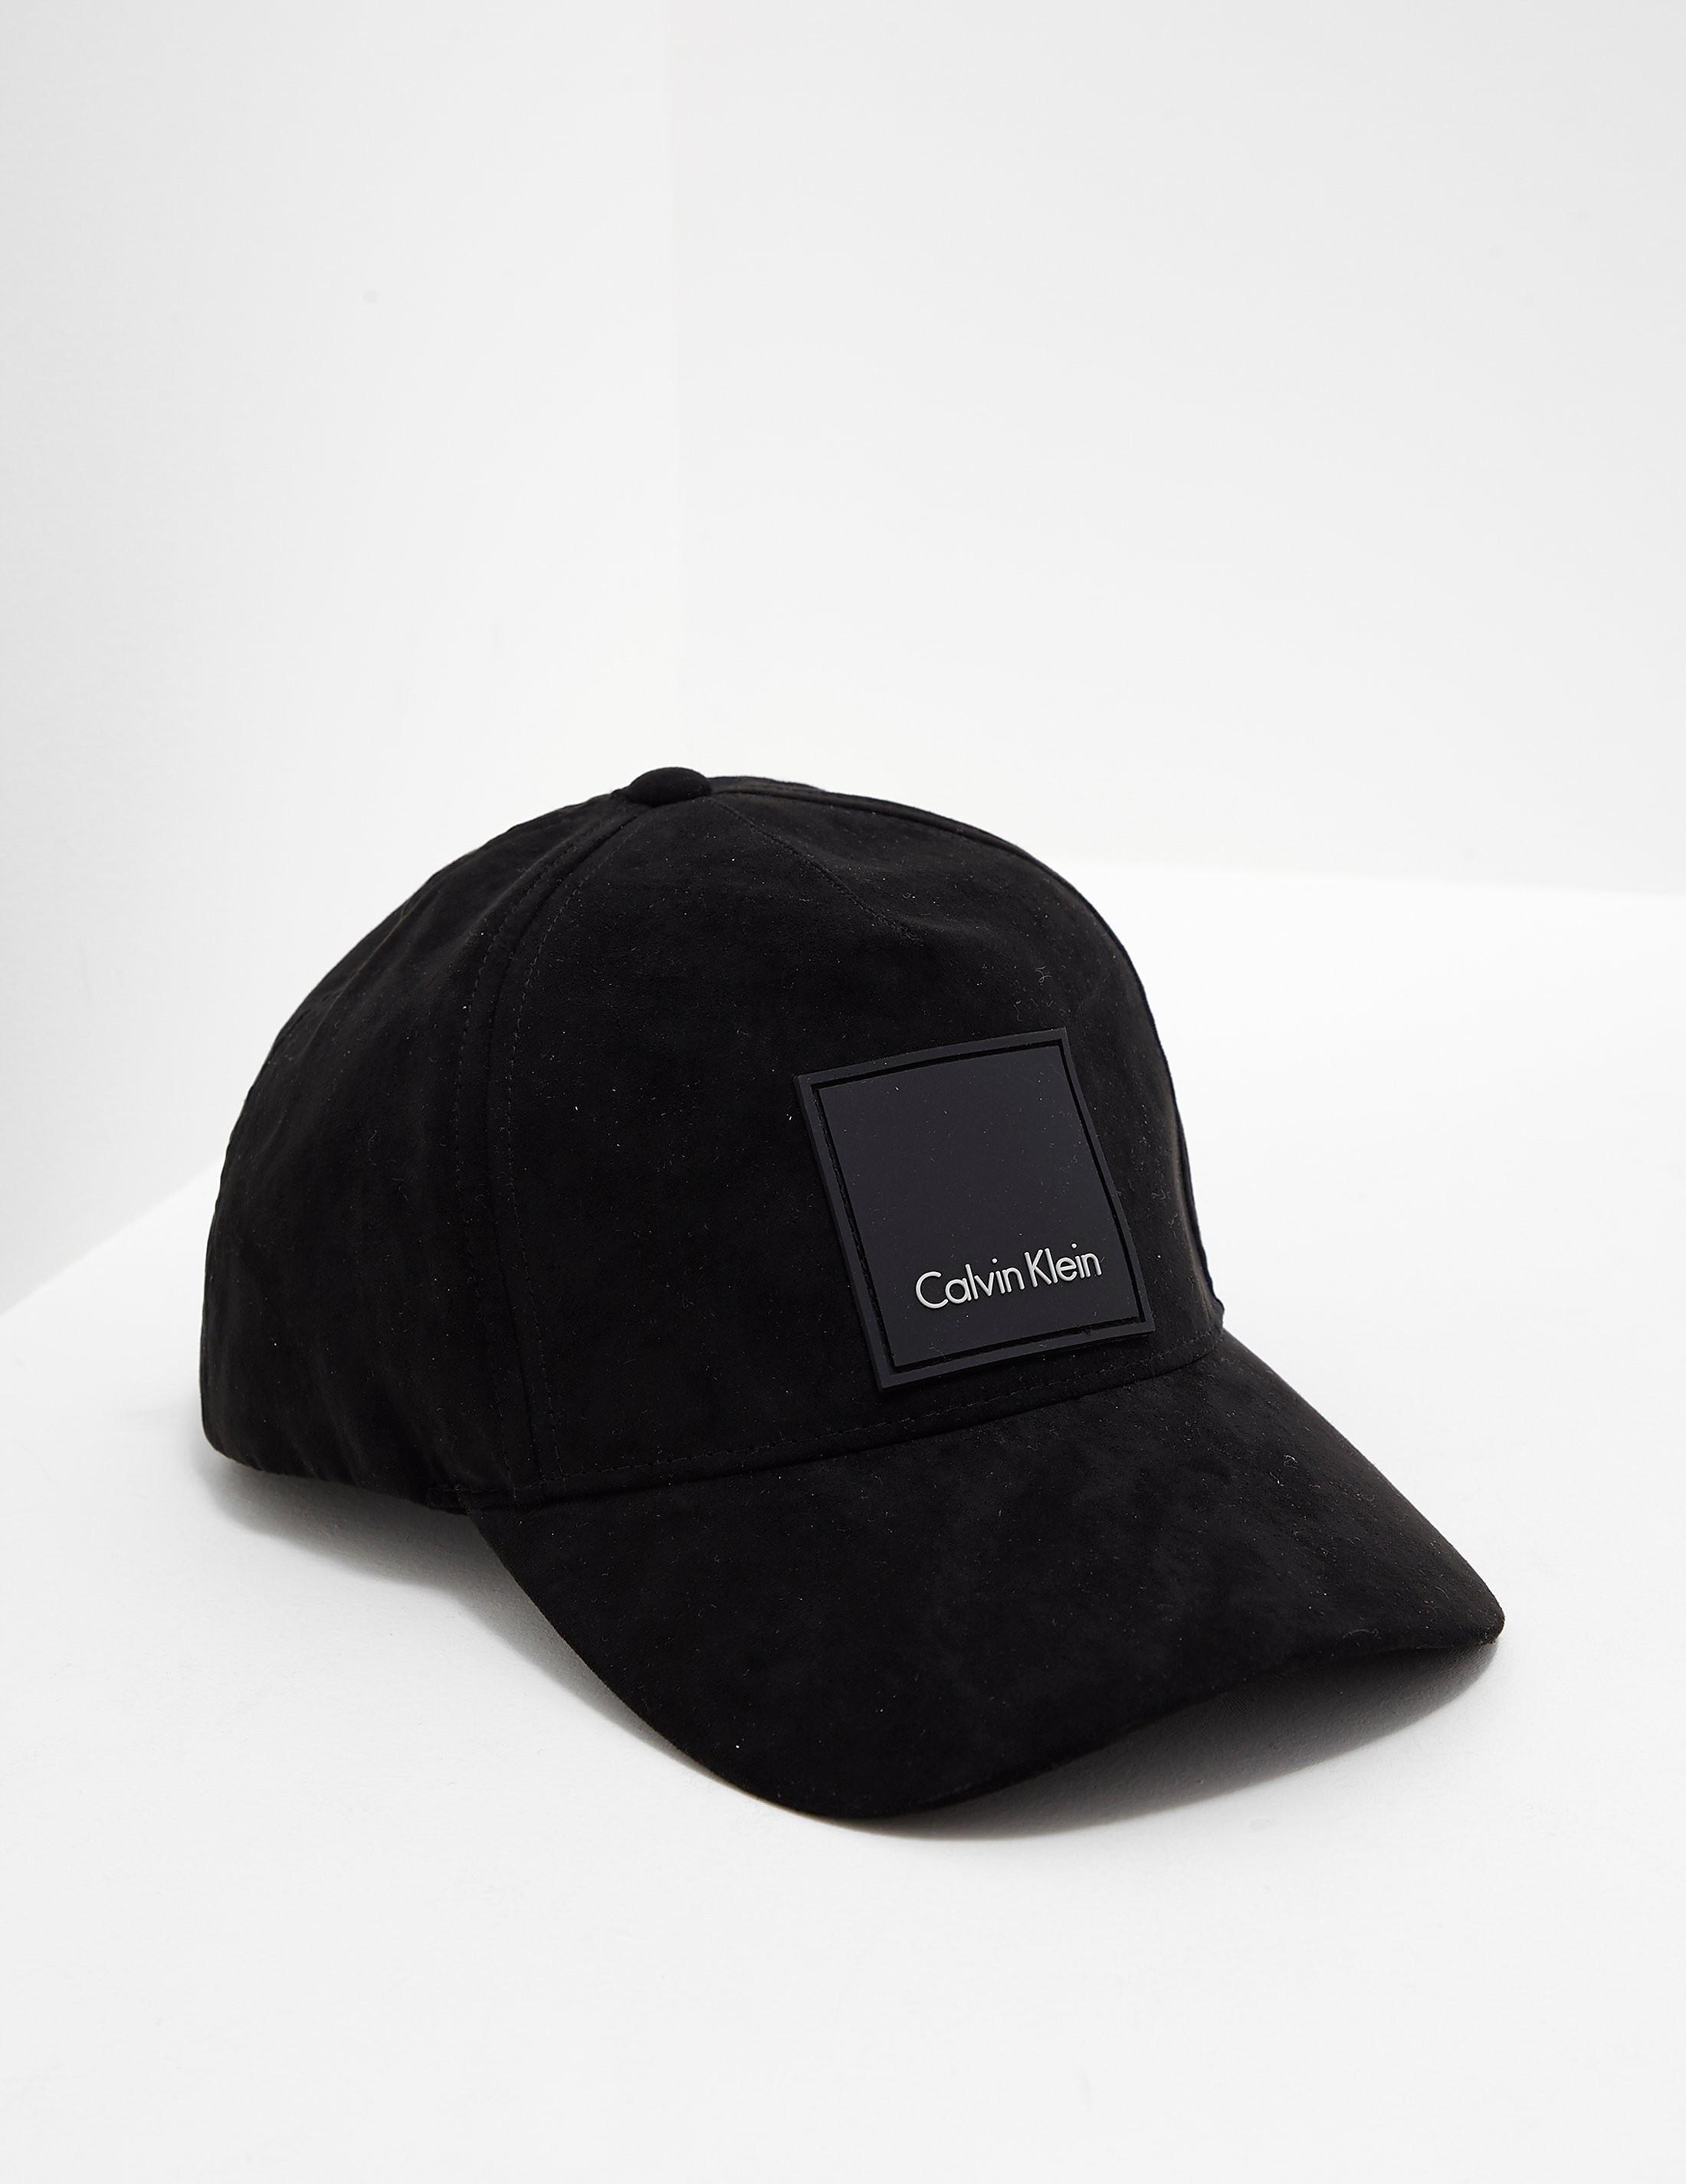 Calvin Klein Winter Cap